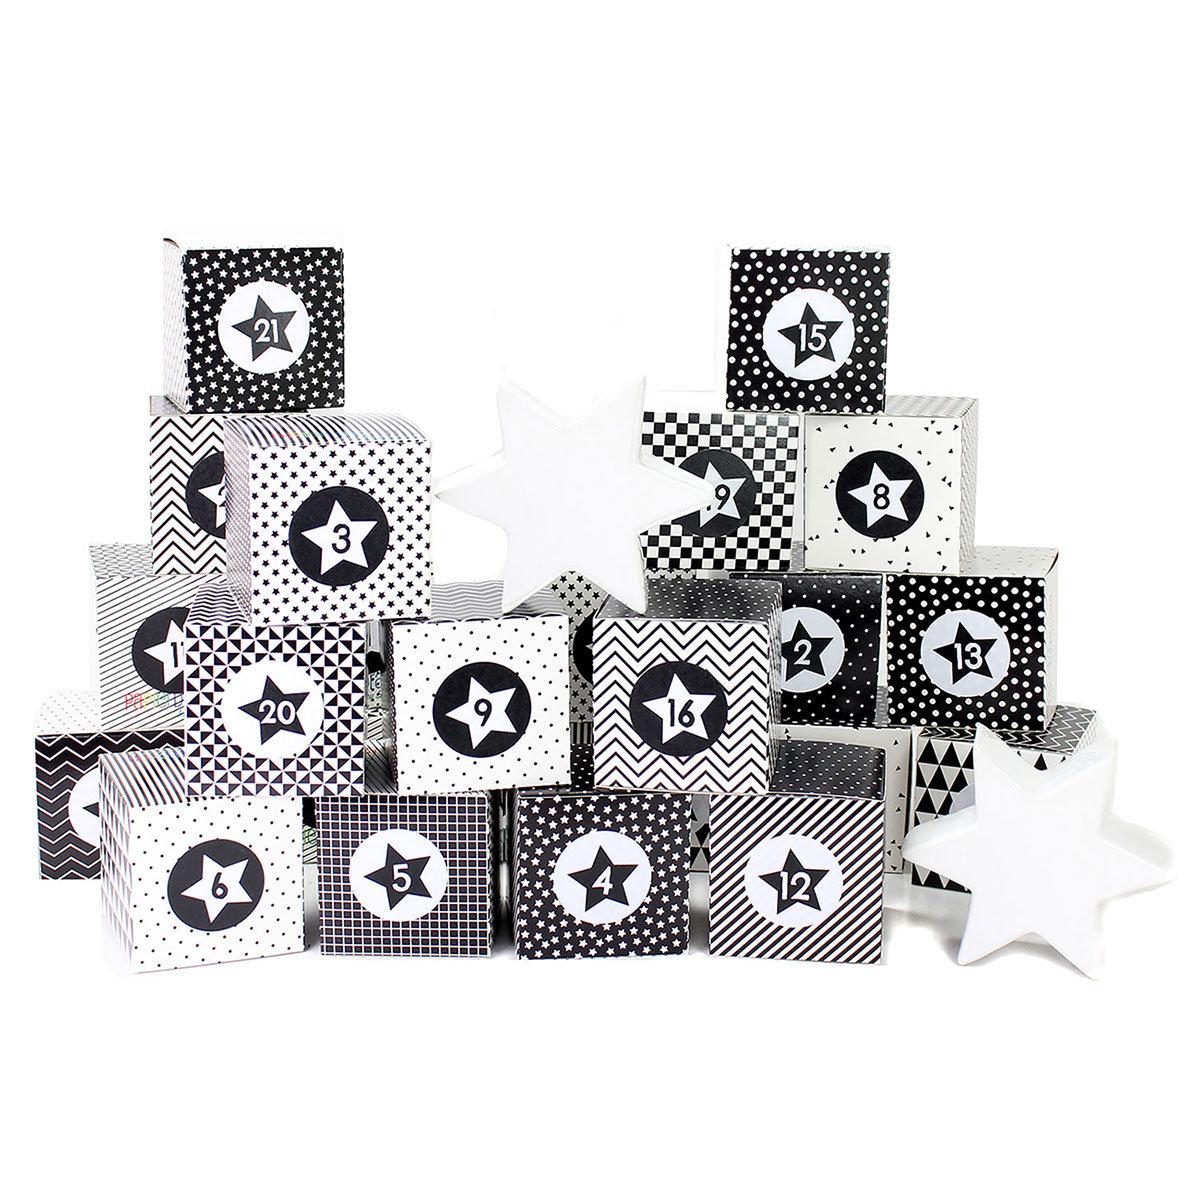 diy adventskalender kisten set motiv schwarz wei 24 schwarz wei e schachteln zum aufstellen. Black Bedroom Furniture Sets. Home Design Ideas